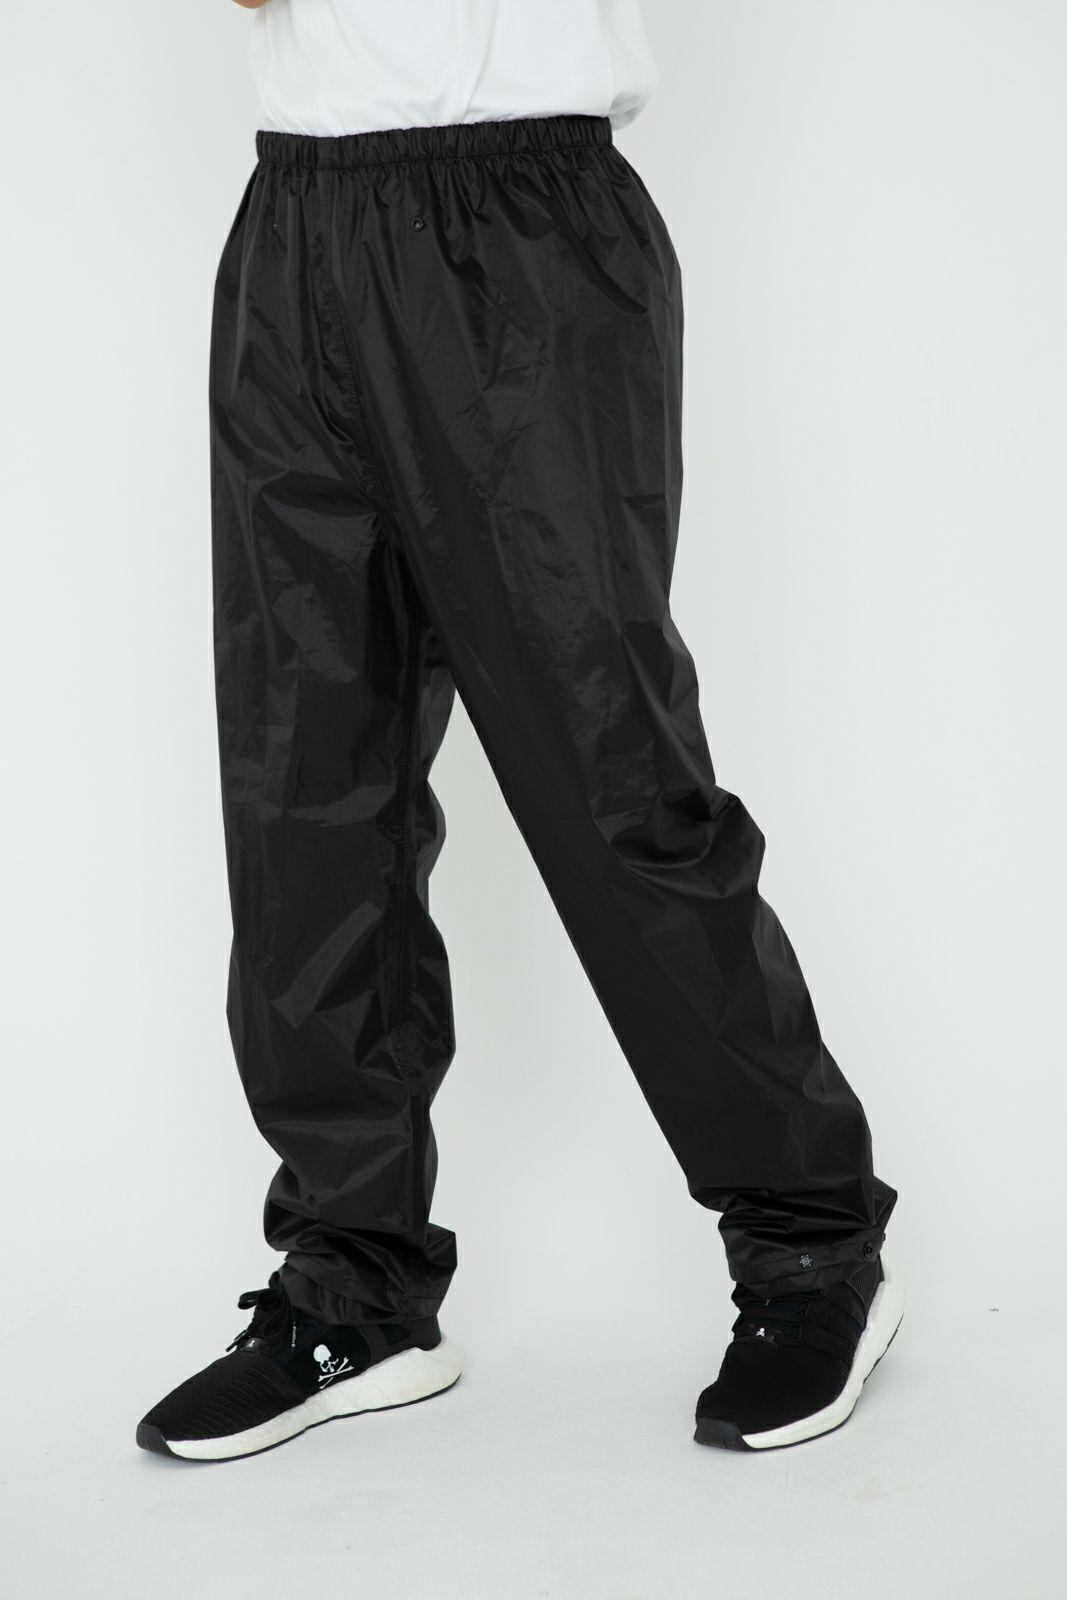 詳細:着用イメージ パンツ  [男性モデルのサイズ]身長:174cm 着用サイズ:L